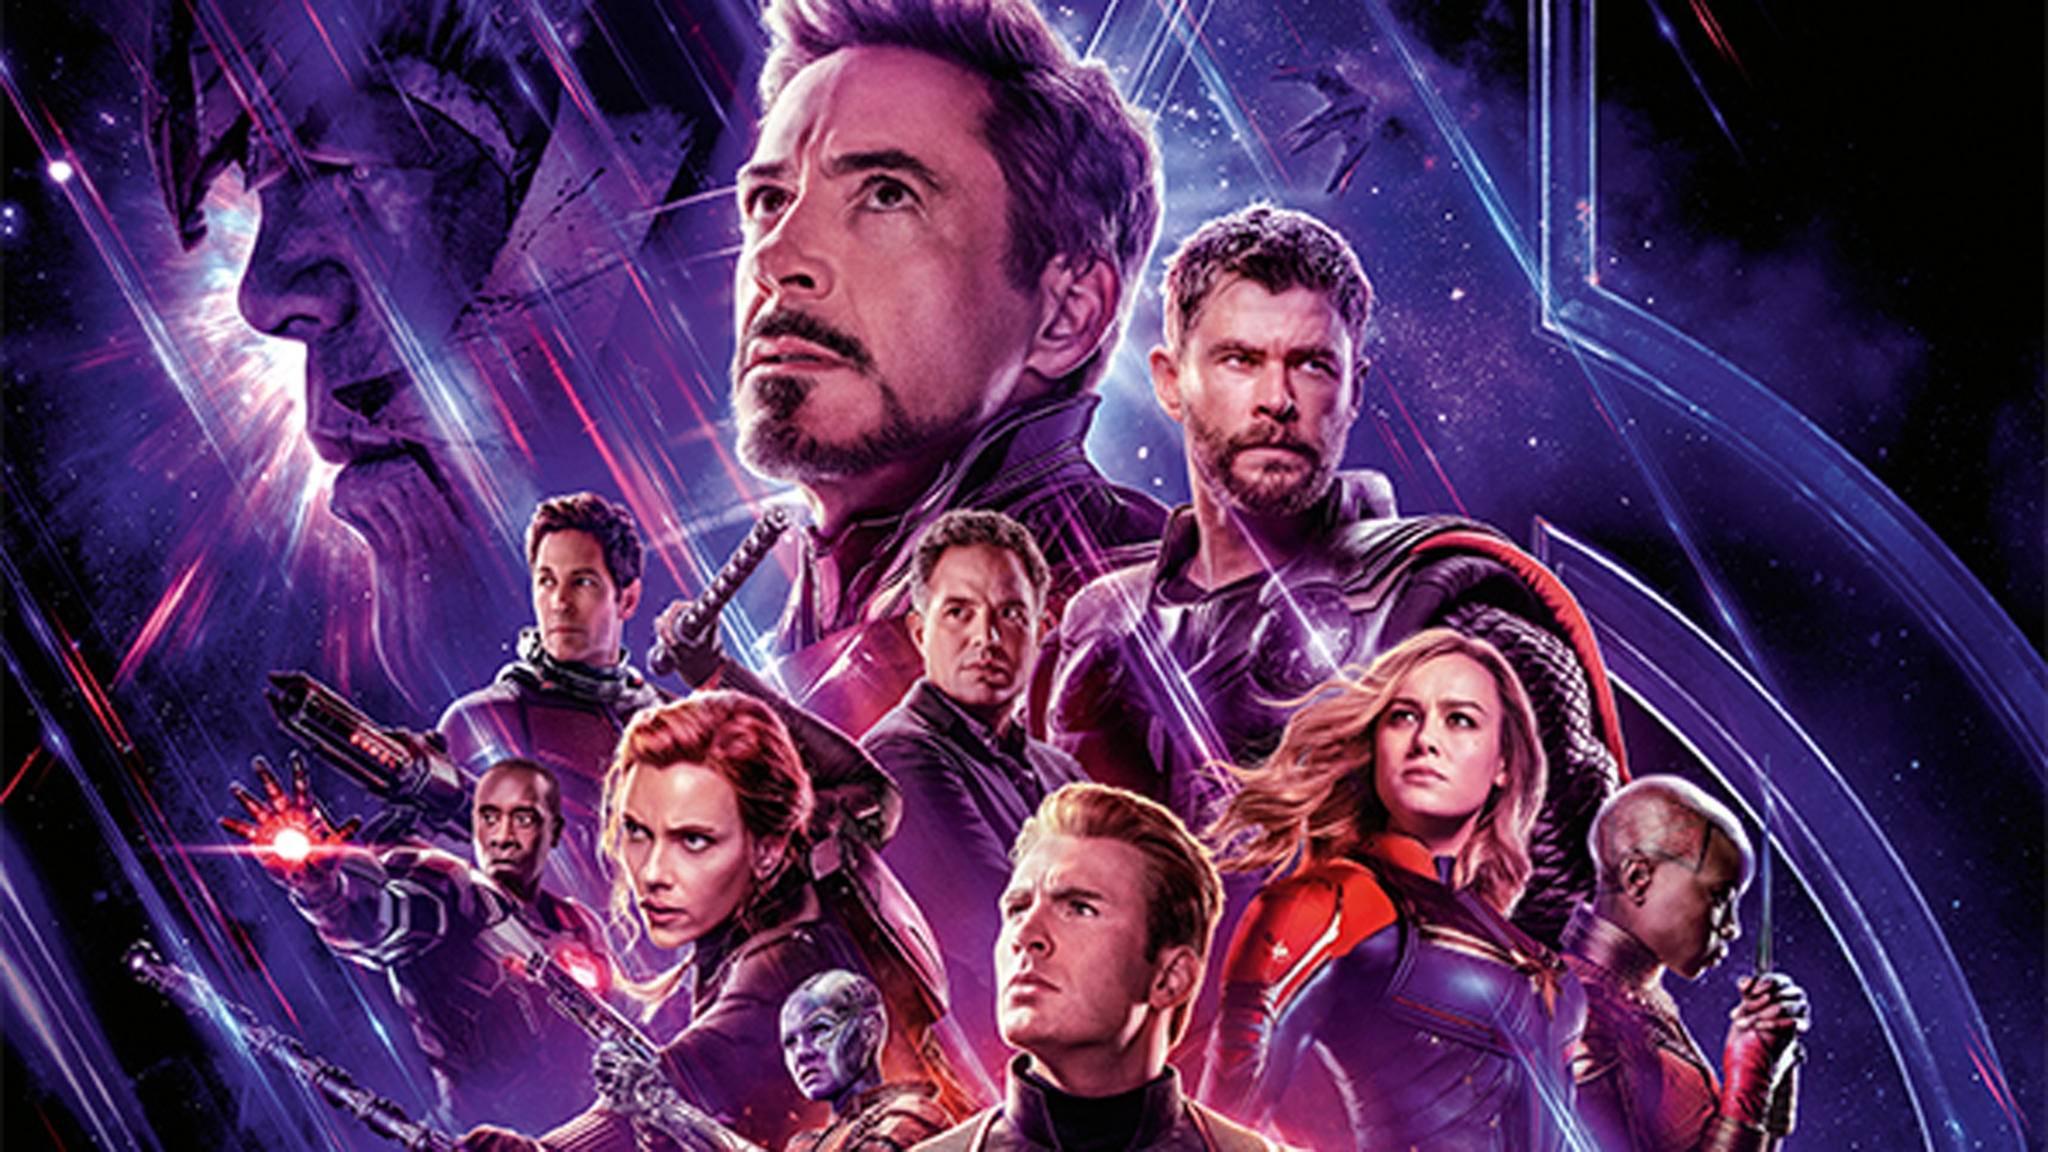 Für die Avengers könnte es an den Kinokassen nicht besser laufen.